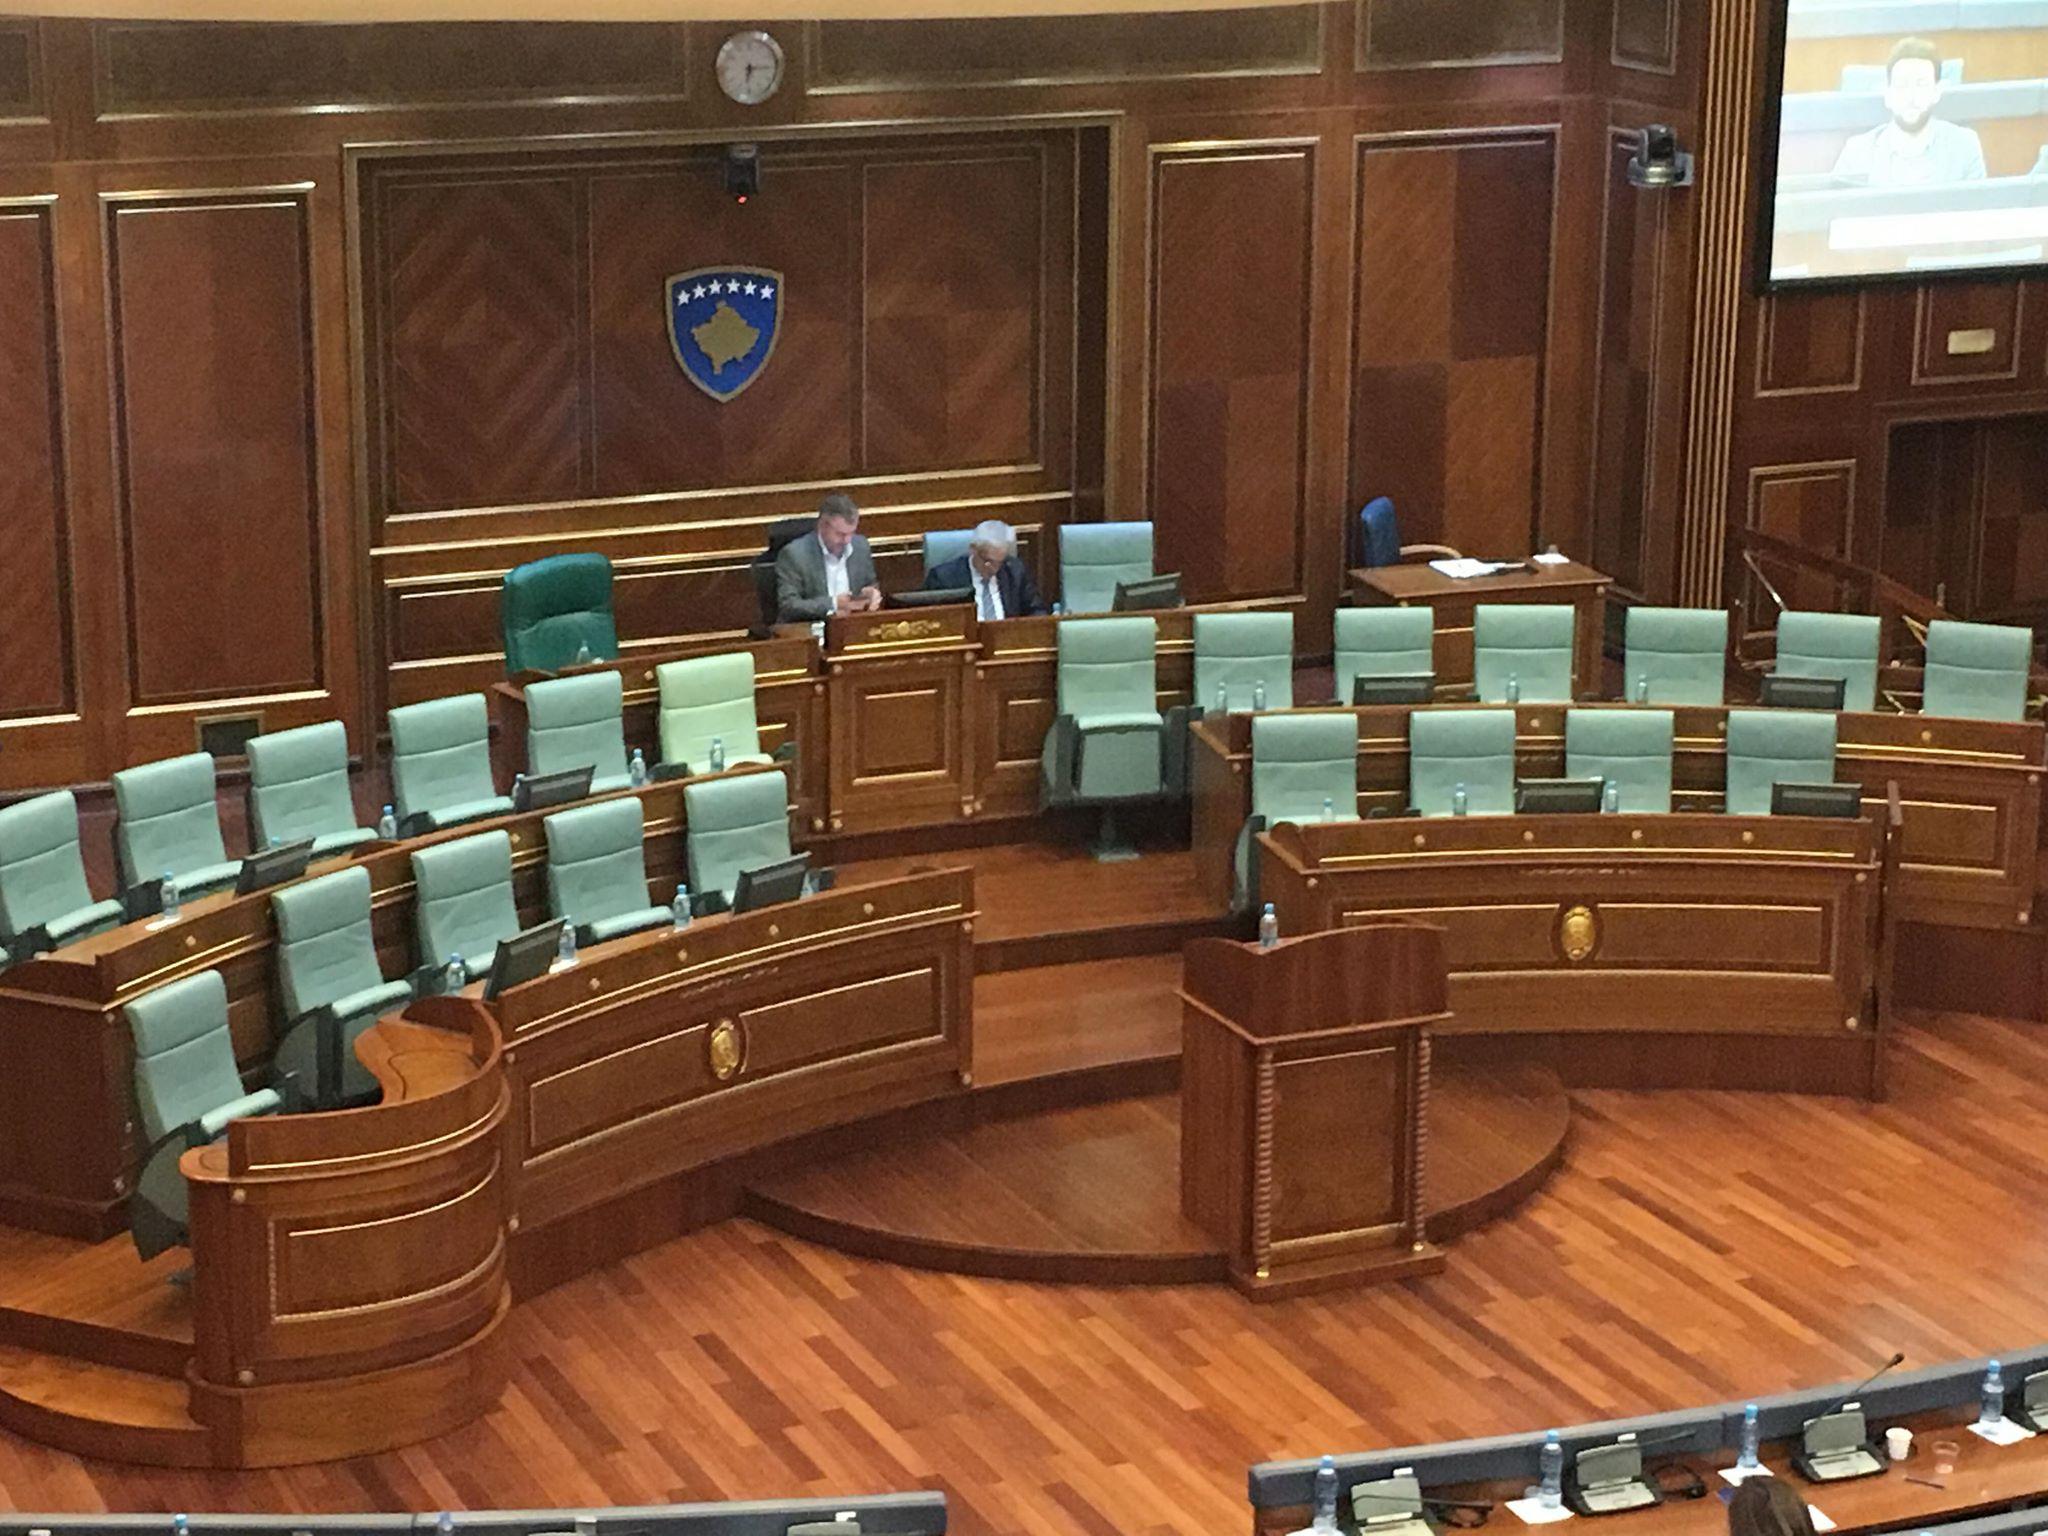 Zgjedhjet e reja kthejnë në pikën zero 45 projektligje, Kuvendi i miratoi vetëm 27 për 7 muaj